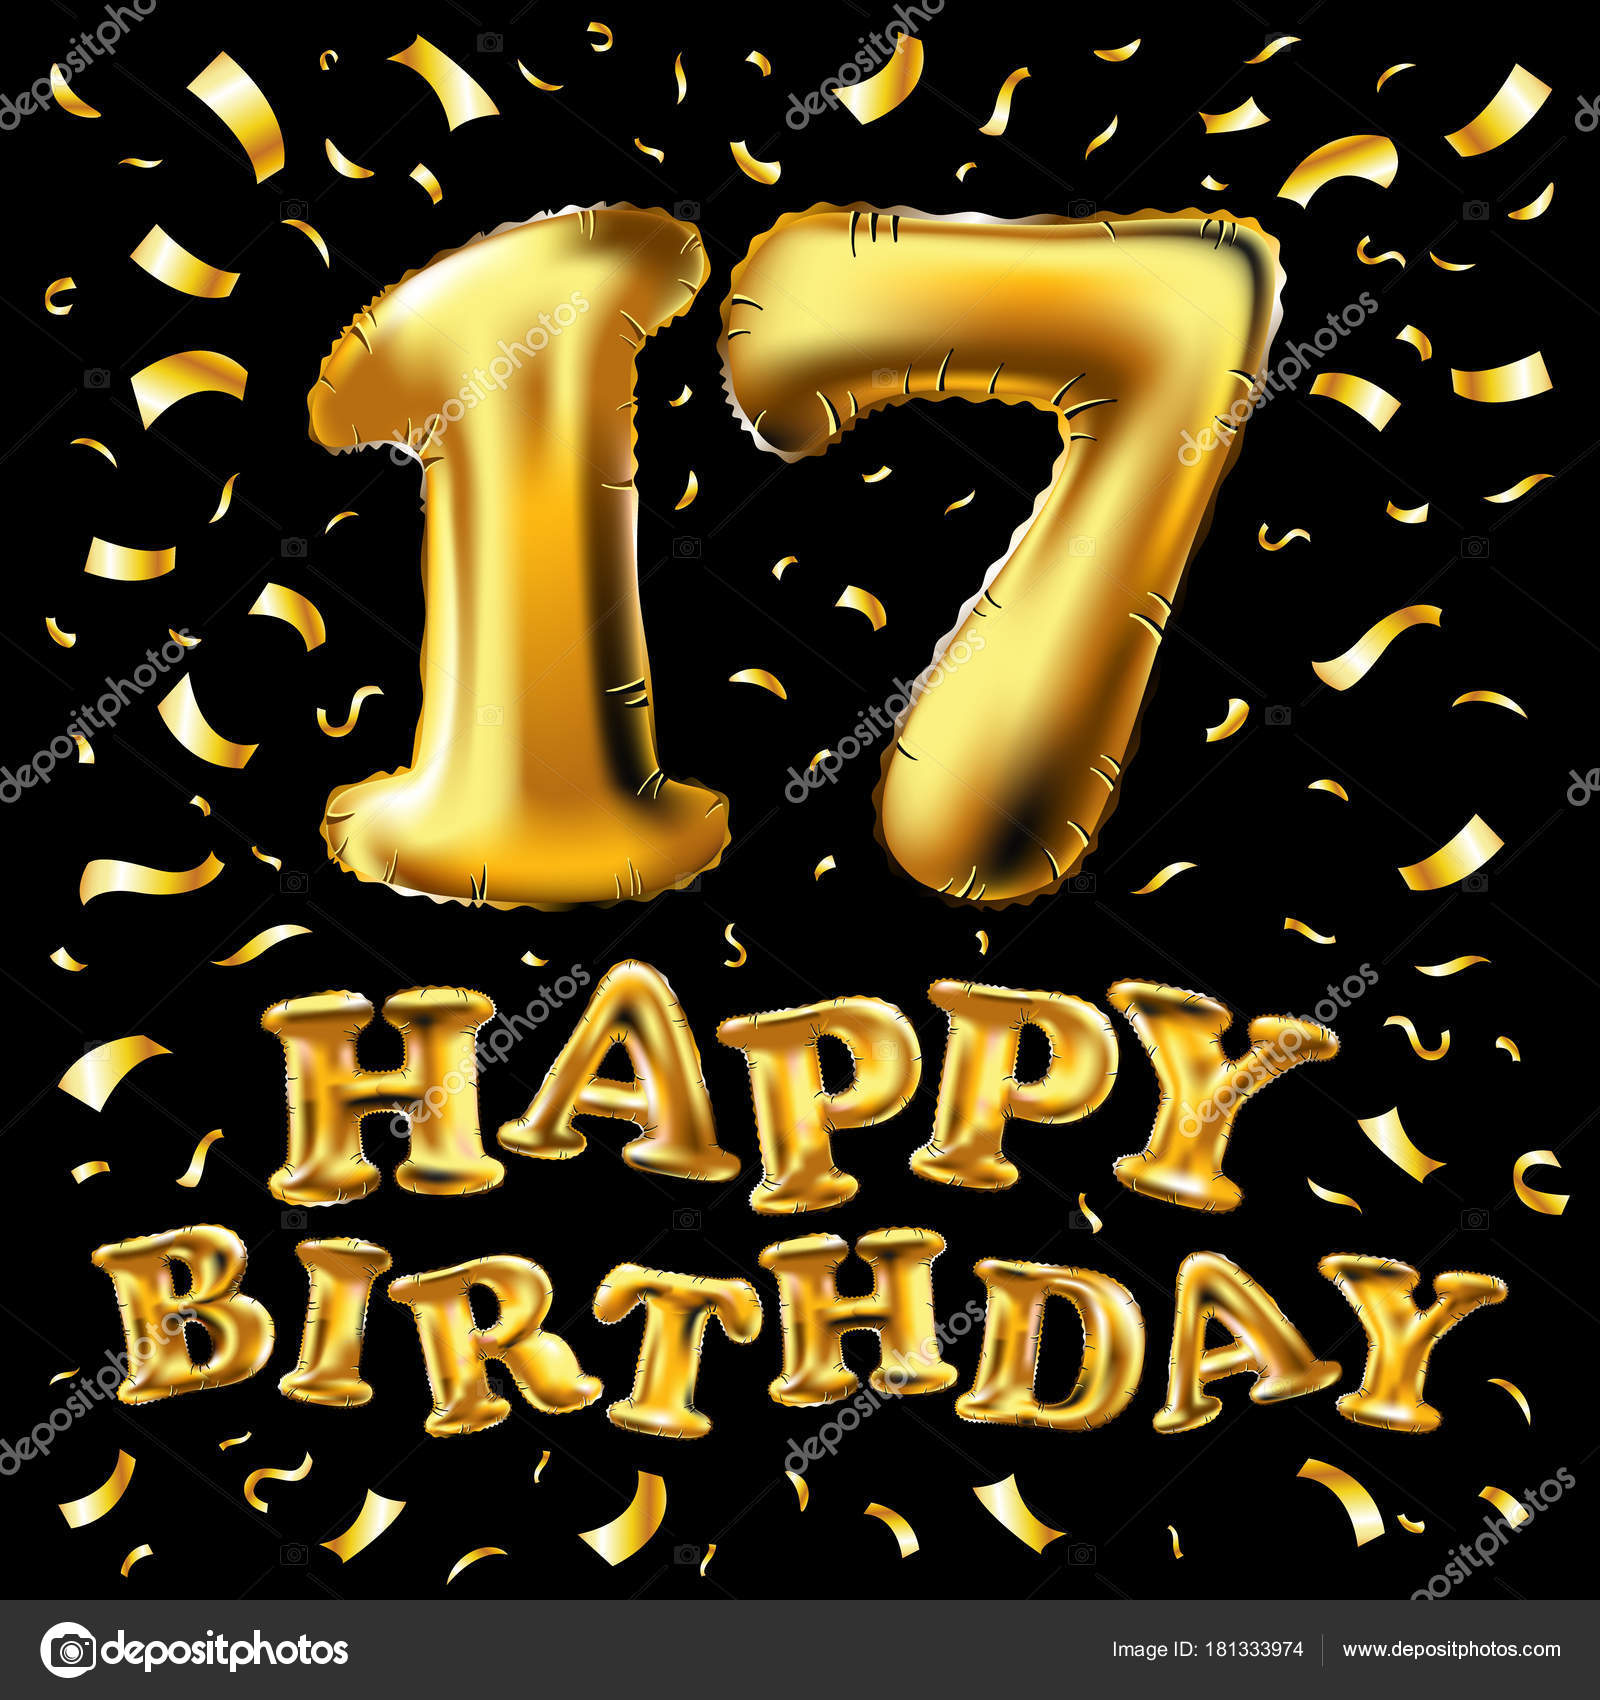 grattis 17 år Vector glädje årsjubileum med 17 år, Grattis på födelsedagen  grattis 17 år